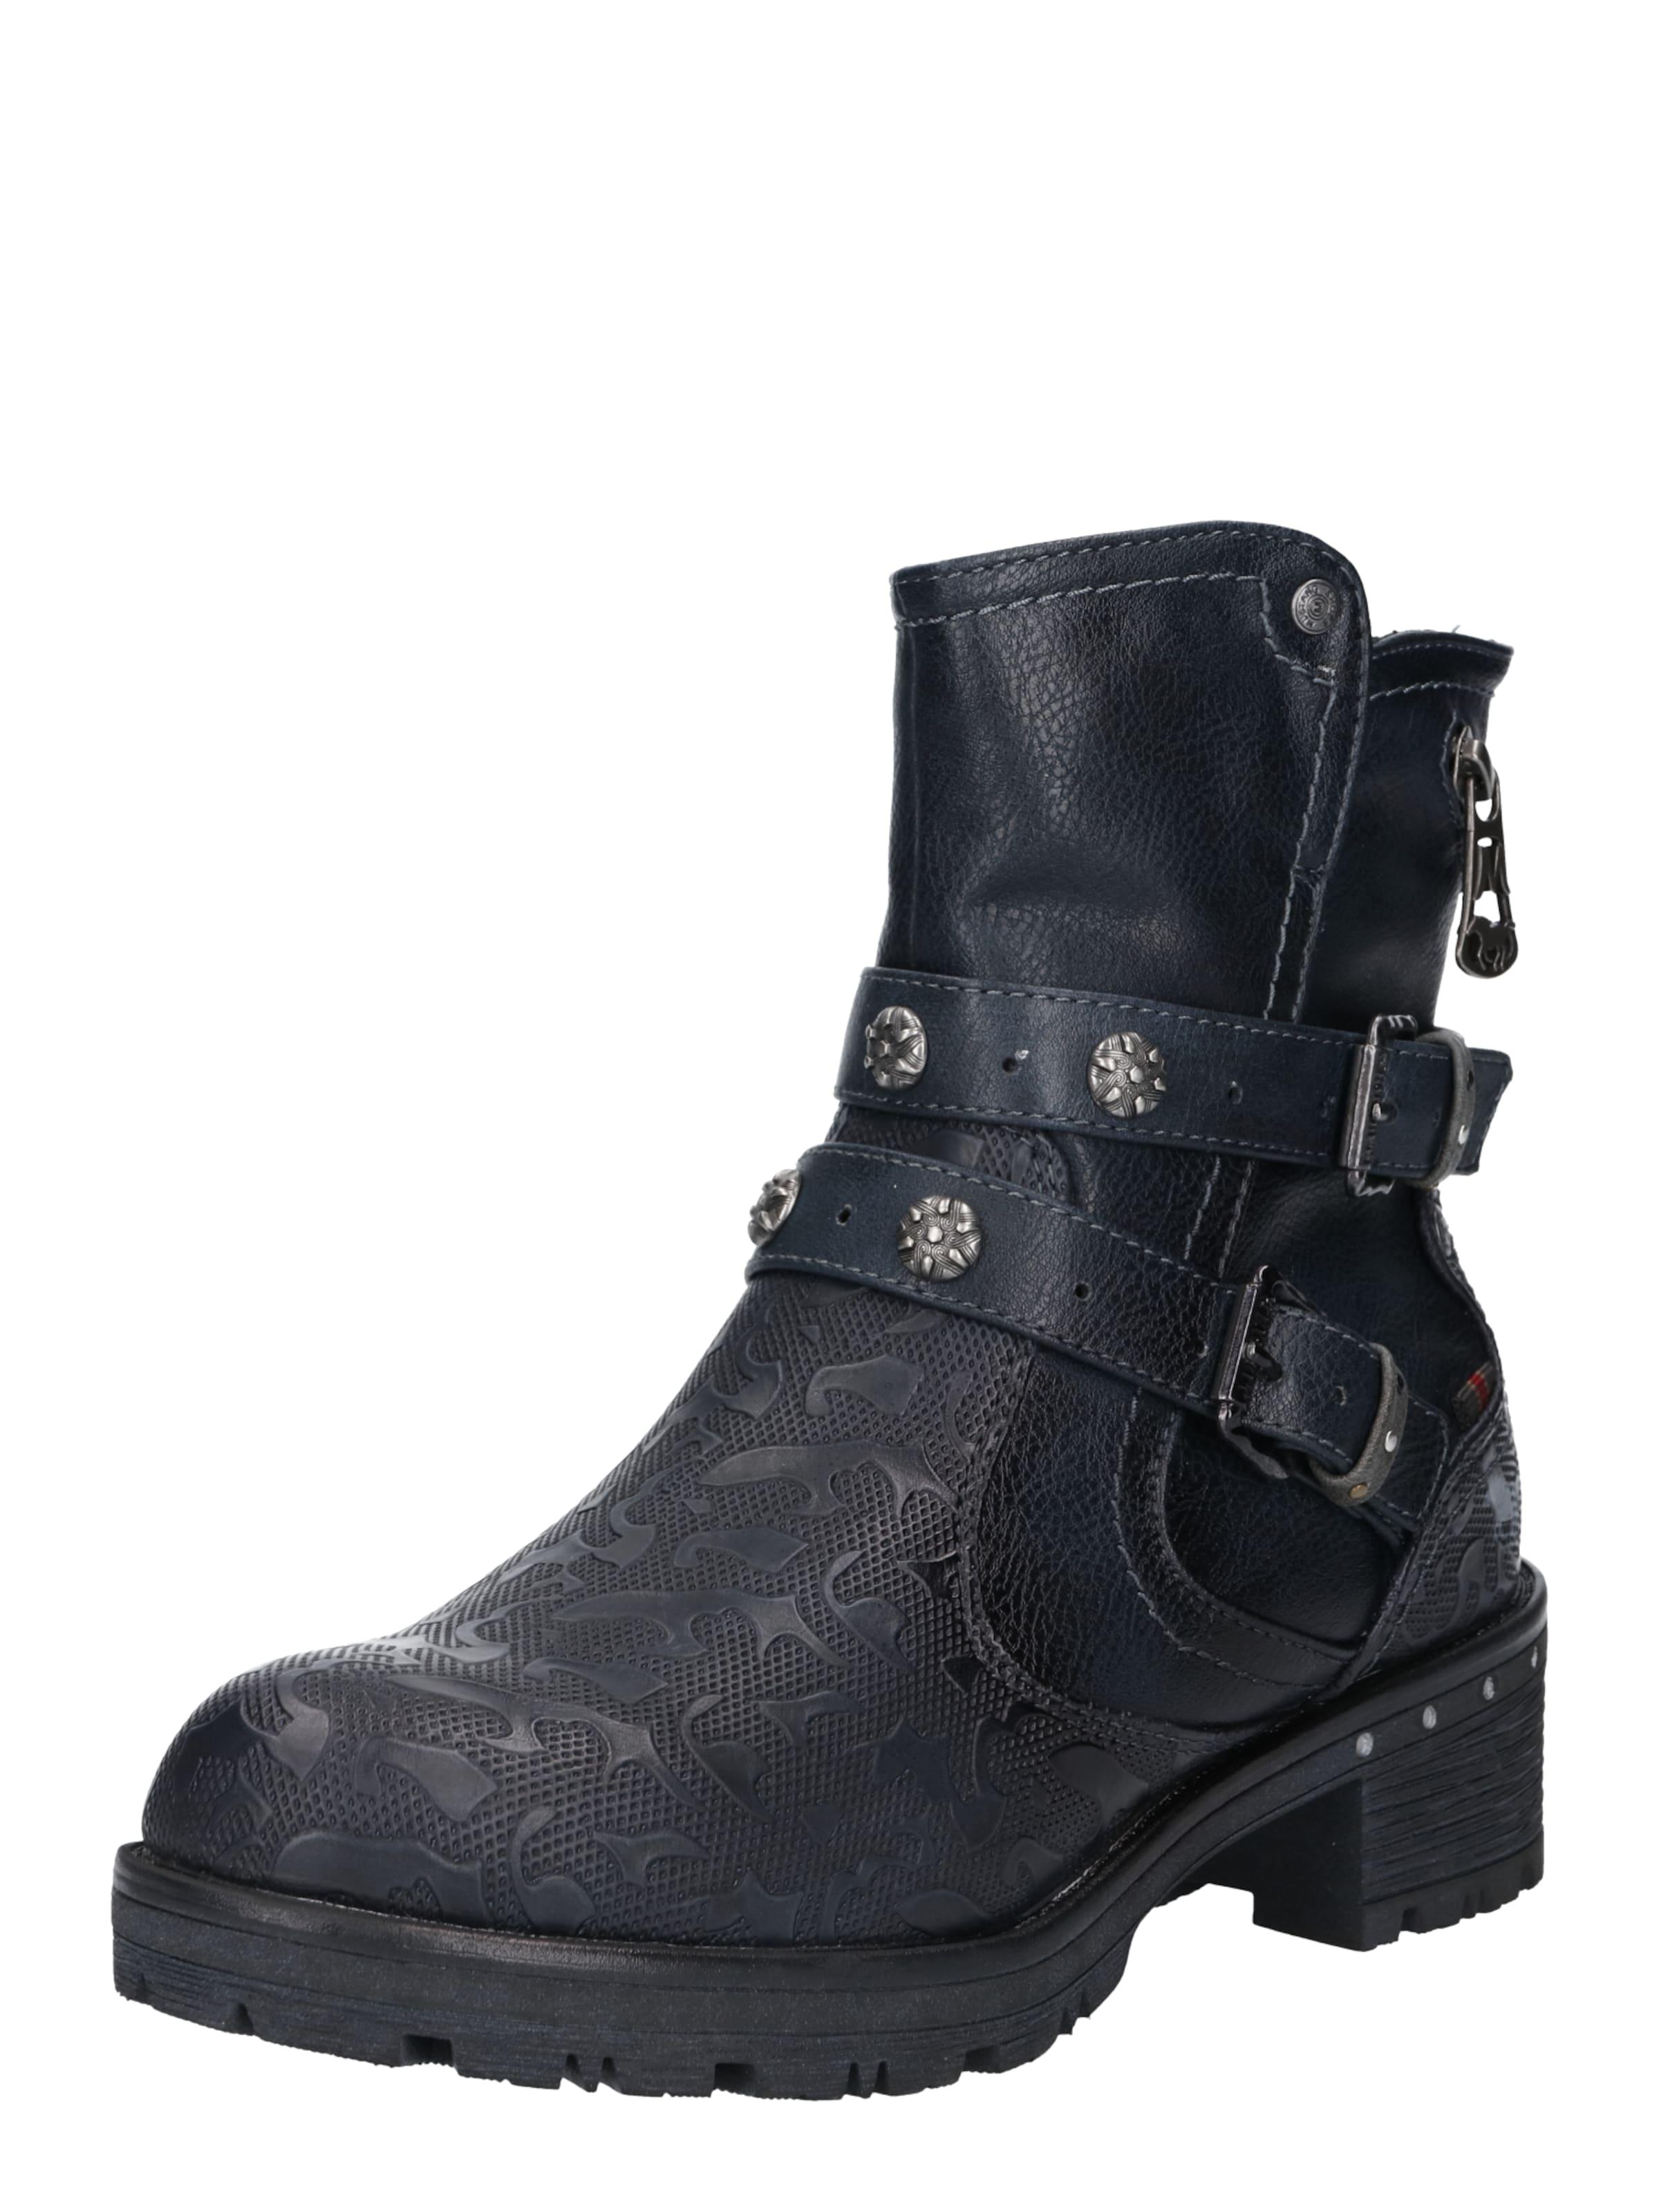 Boots Boots Mustang En Bleu Marine Mustang En Marine Bleu 76yfgb